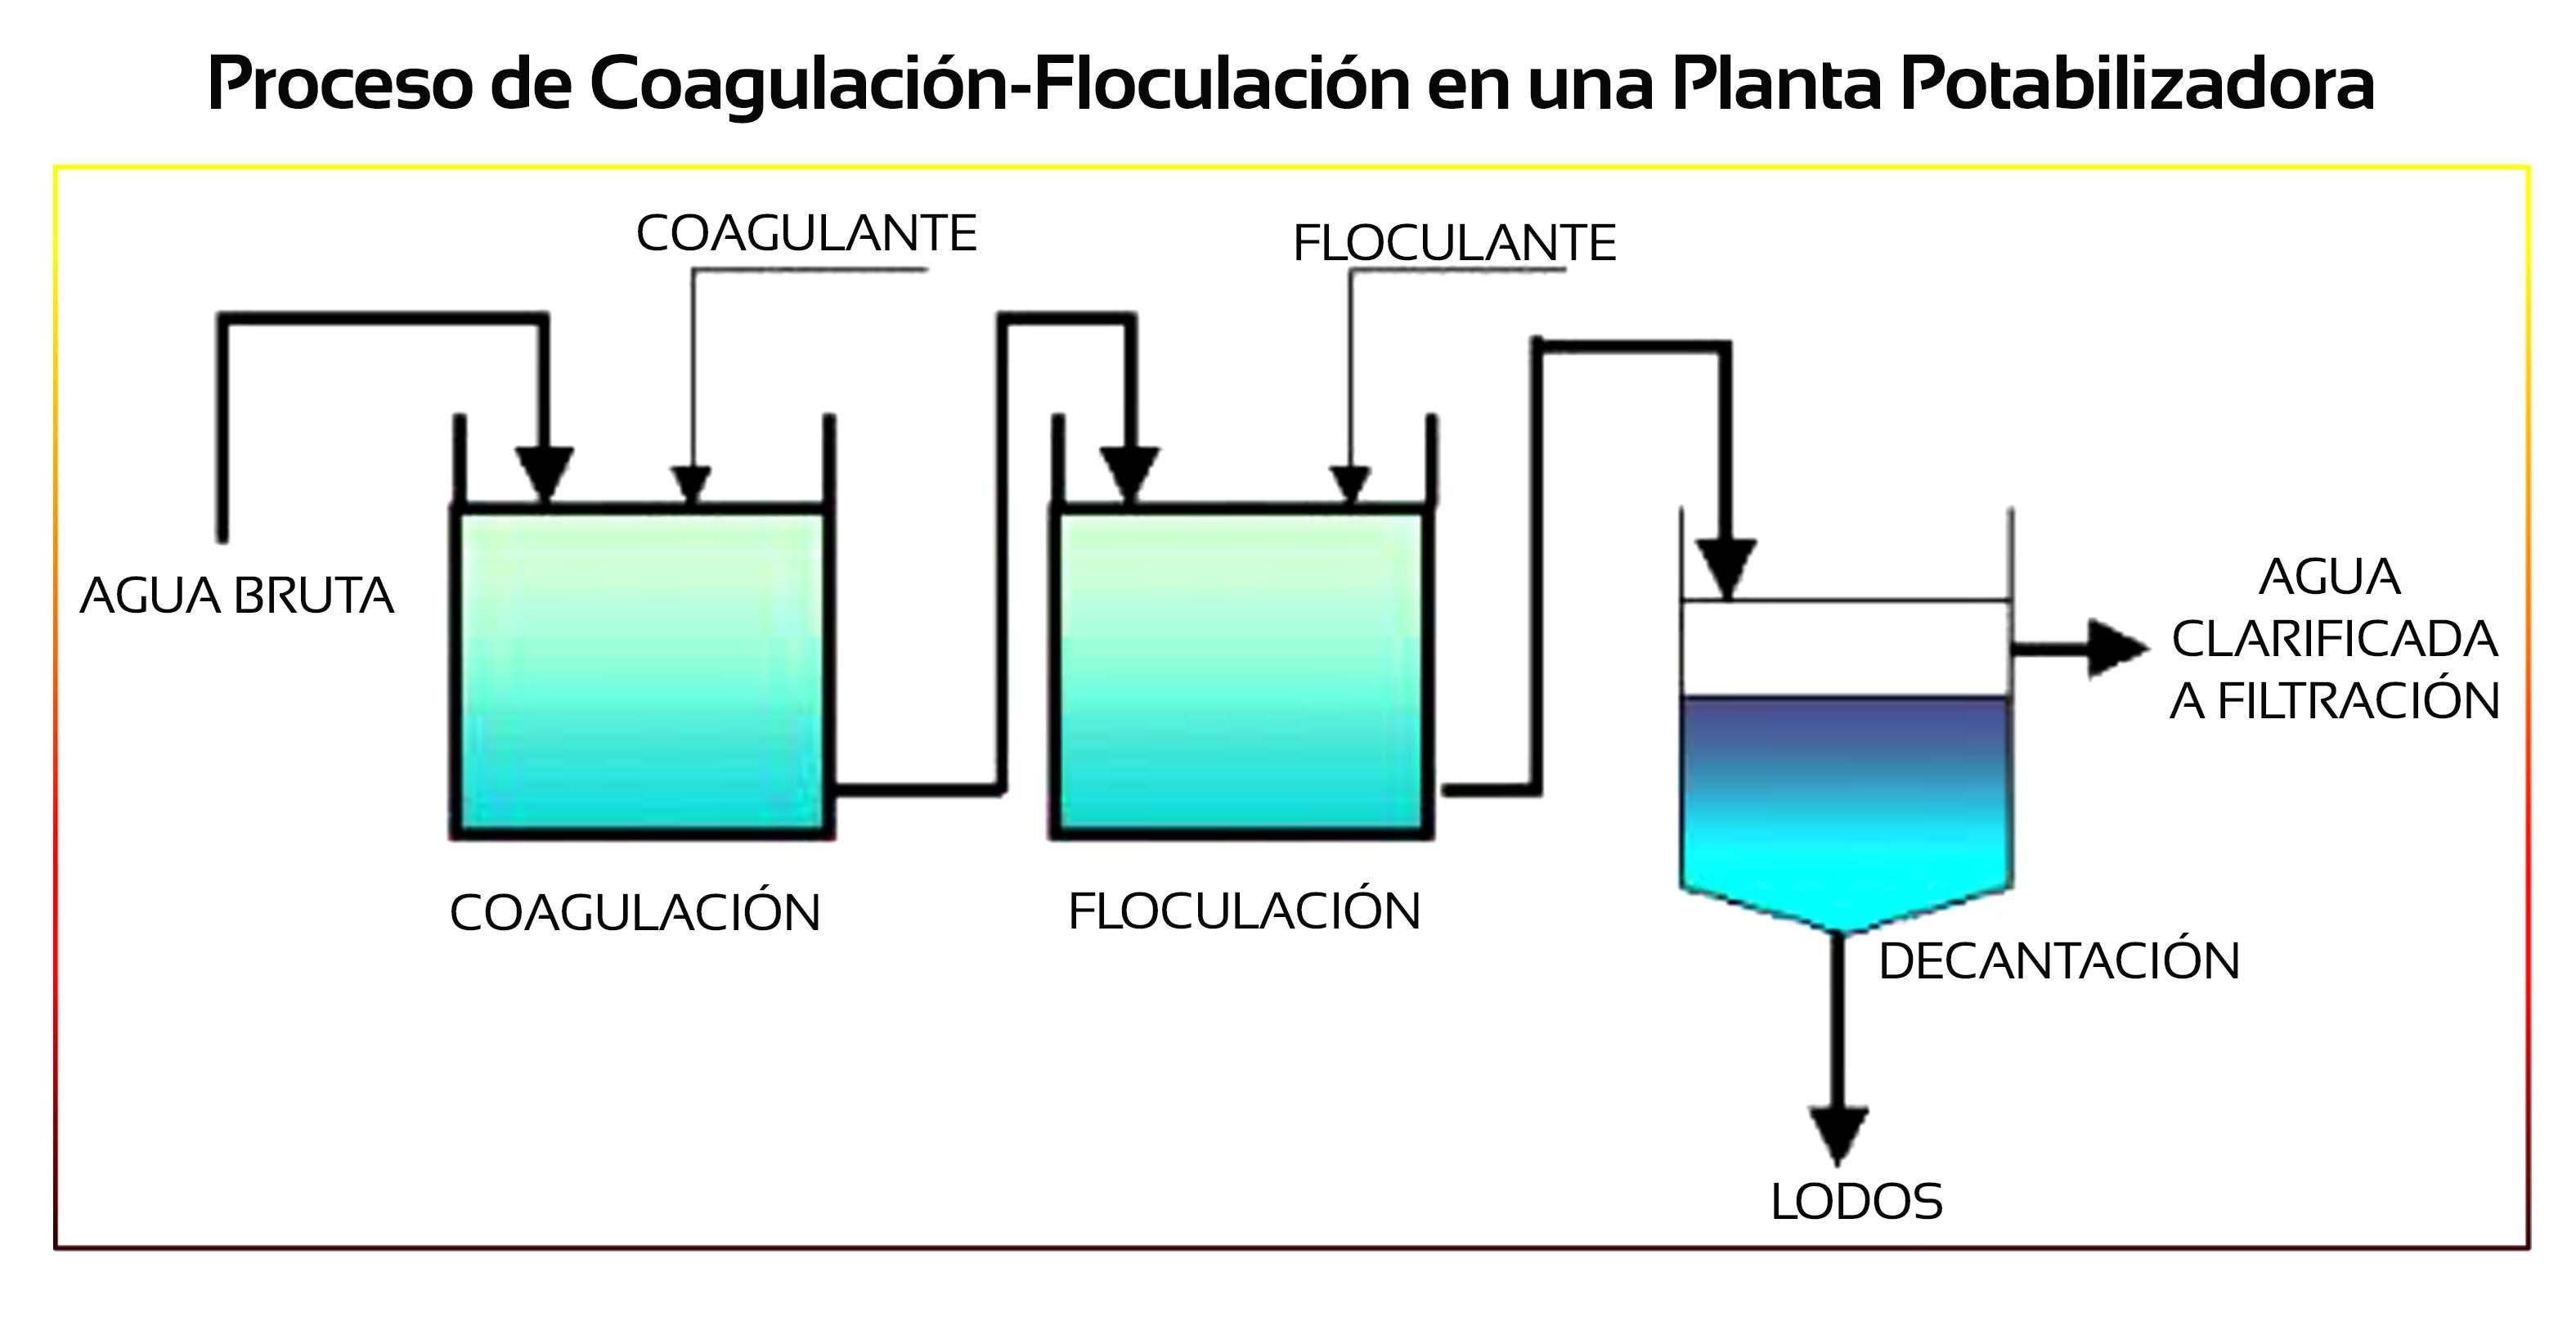 Proceso de coagulacion-floculacion